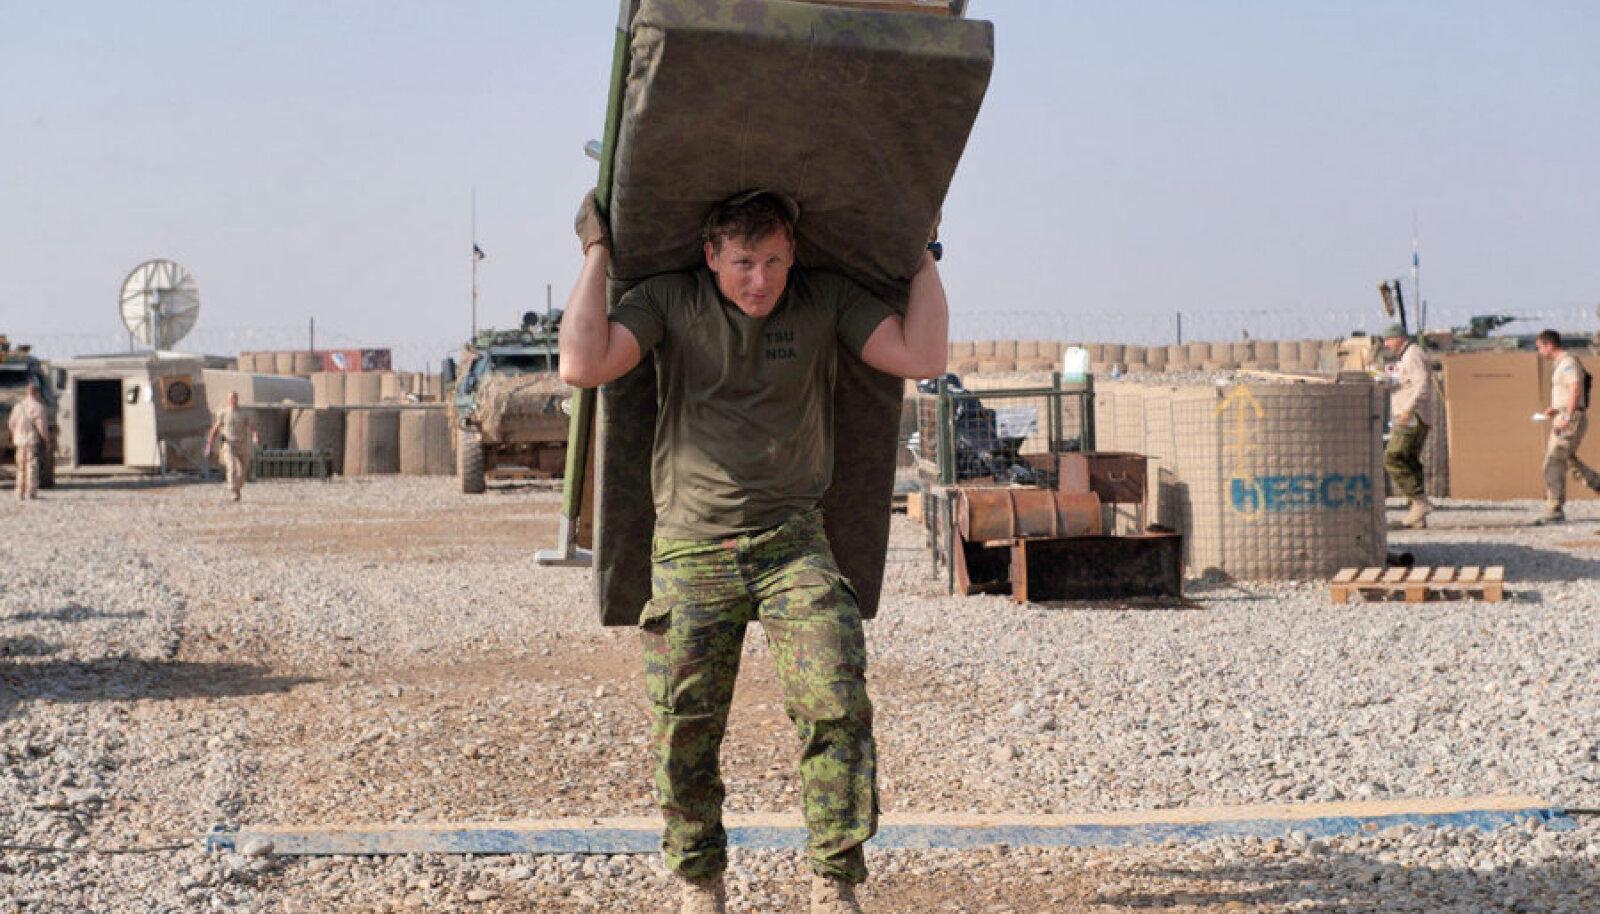 Hopp, seljale võtt! Kaitseväelased on kolimisega harjunud, isegi kui see neile ei meeldi.